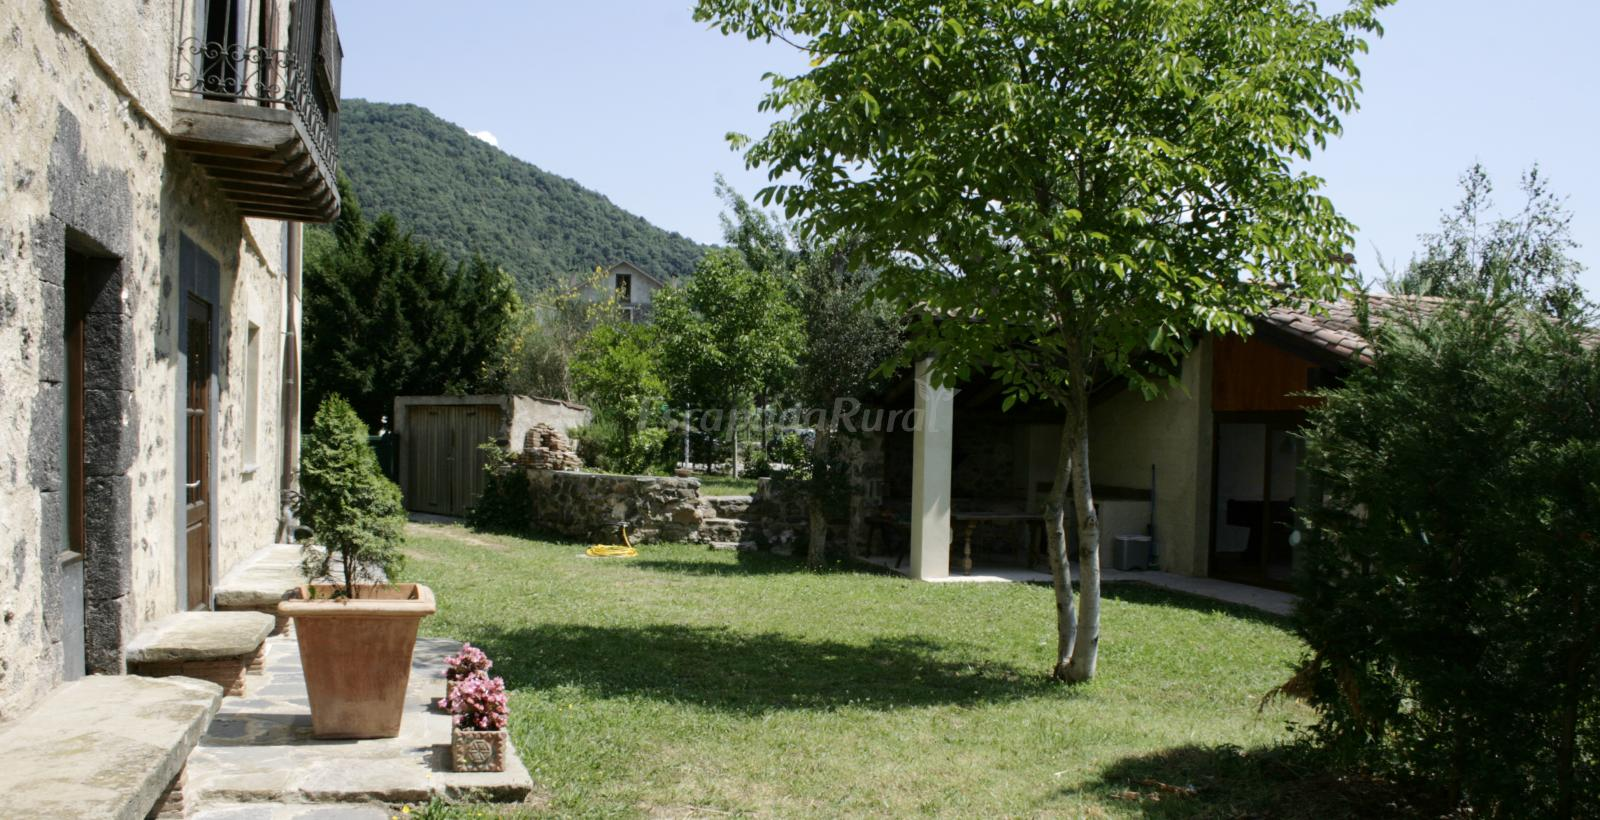 Fotos de mas peracaula casa rural en sant joan les fonts - Mas trobat casa rural ...